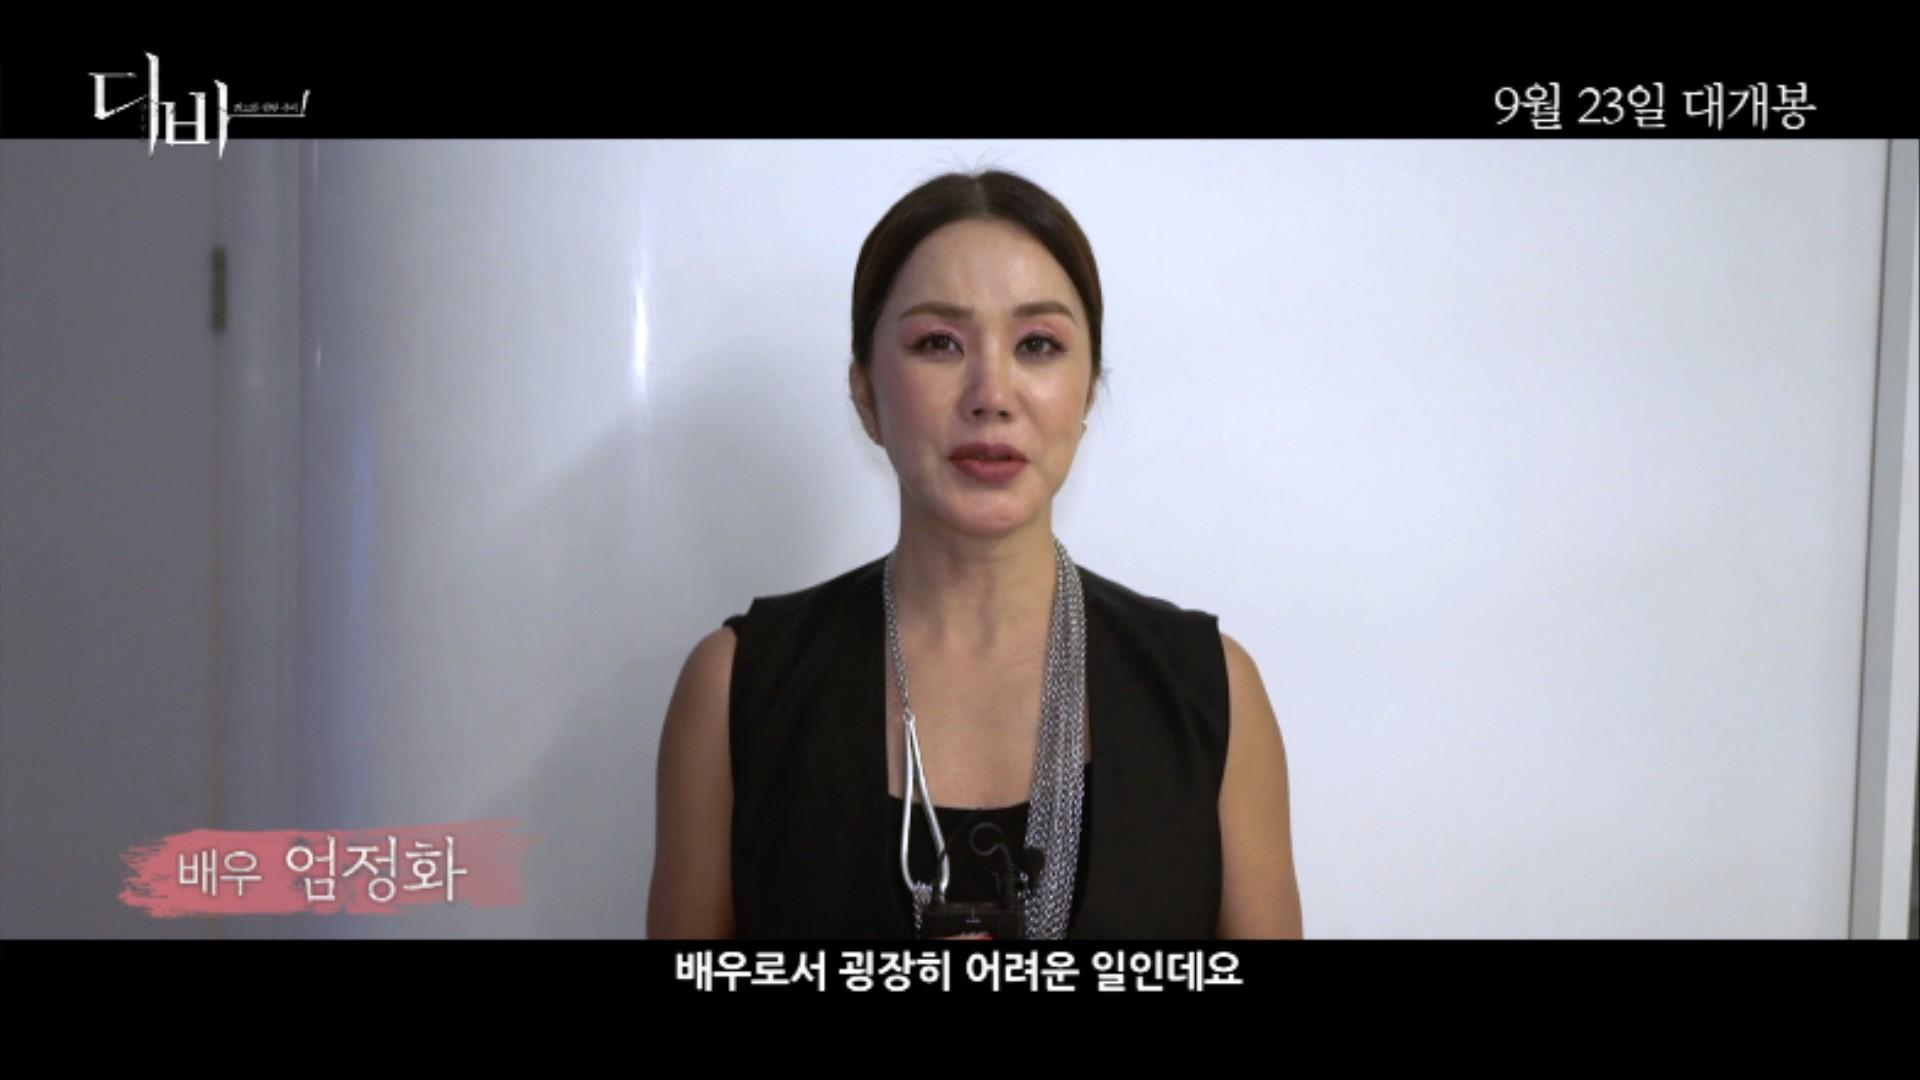 """'디바' 신민아 연기에 엄정화 """"다이빙 선수 완벽변신, 박수 보낸다"""""""